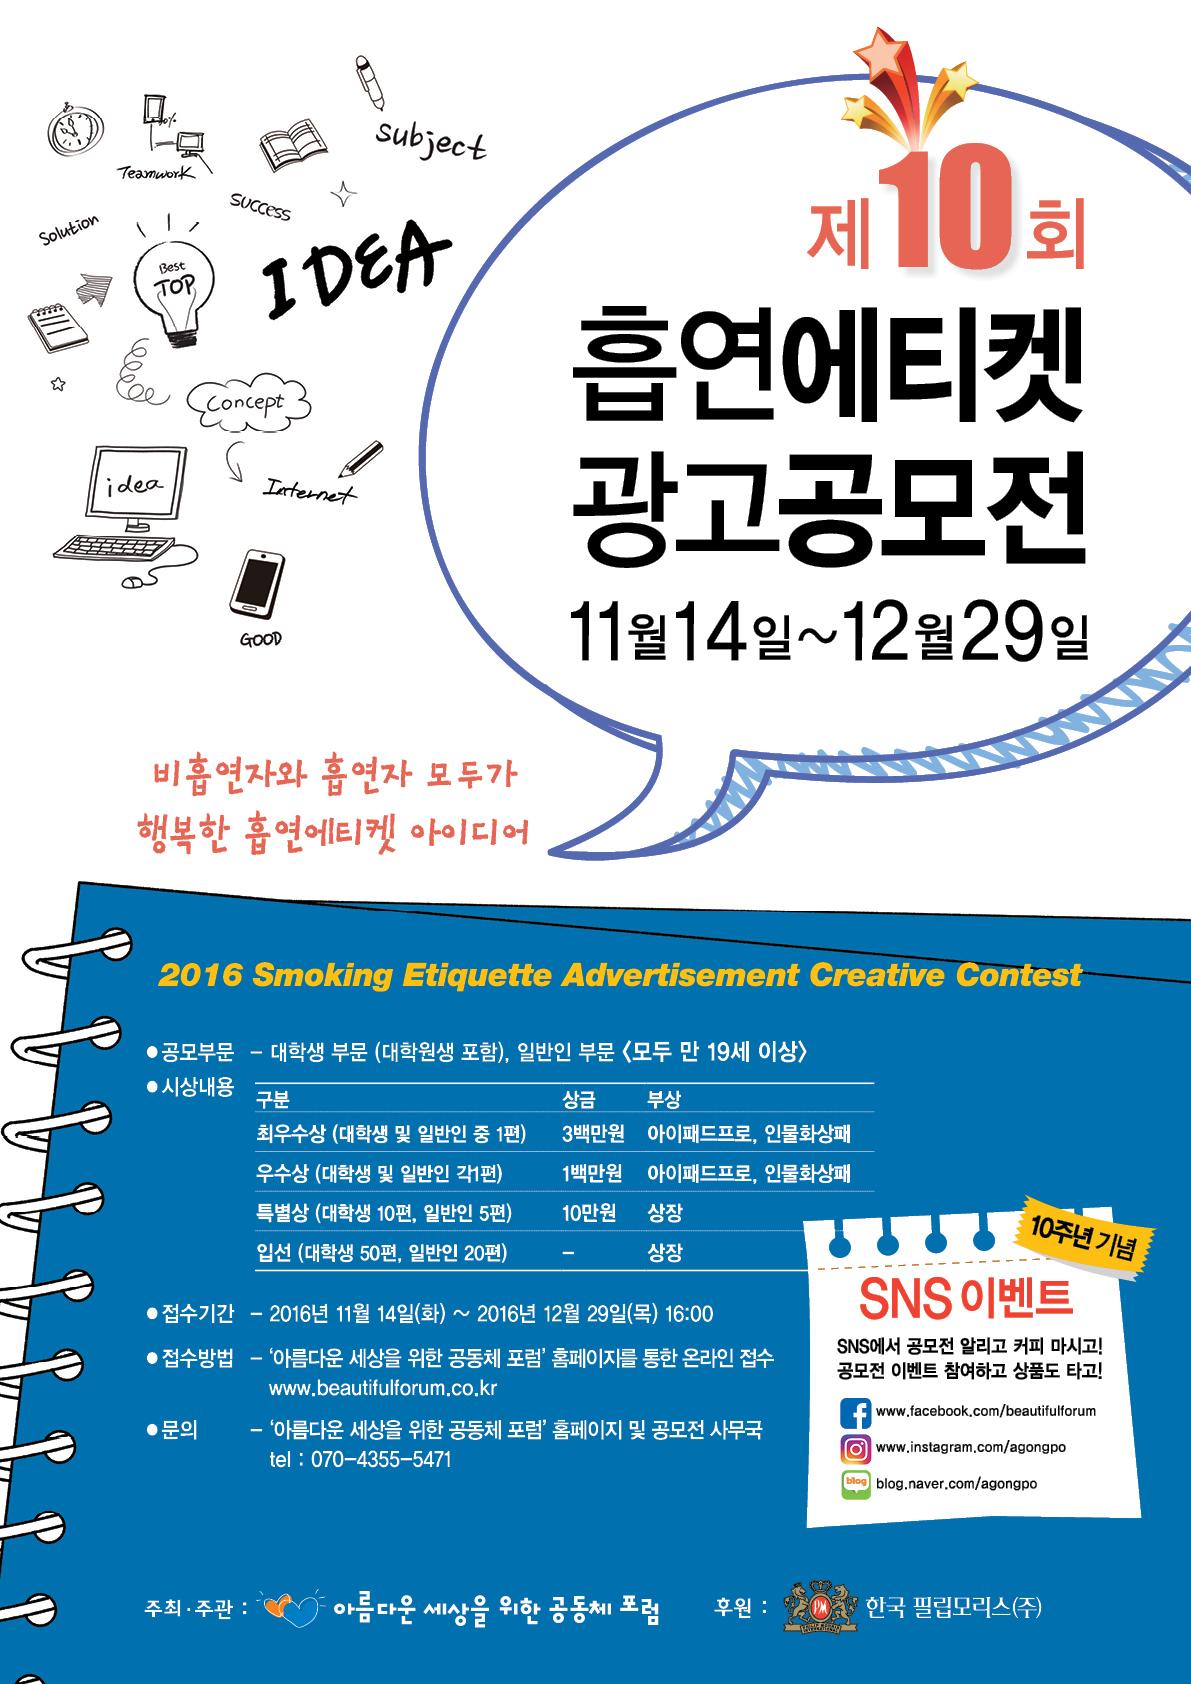 2016년 흡연에티켓 광고공모전